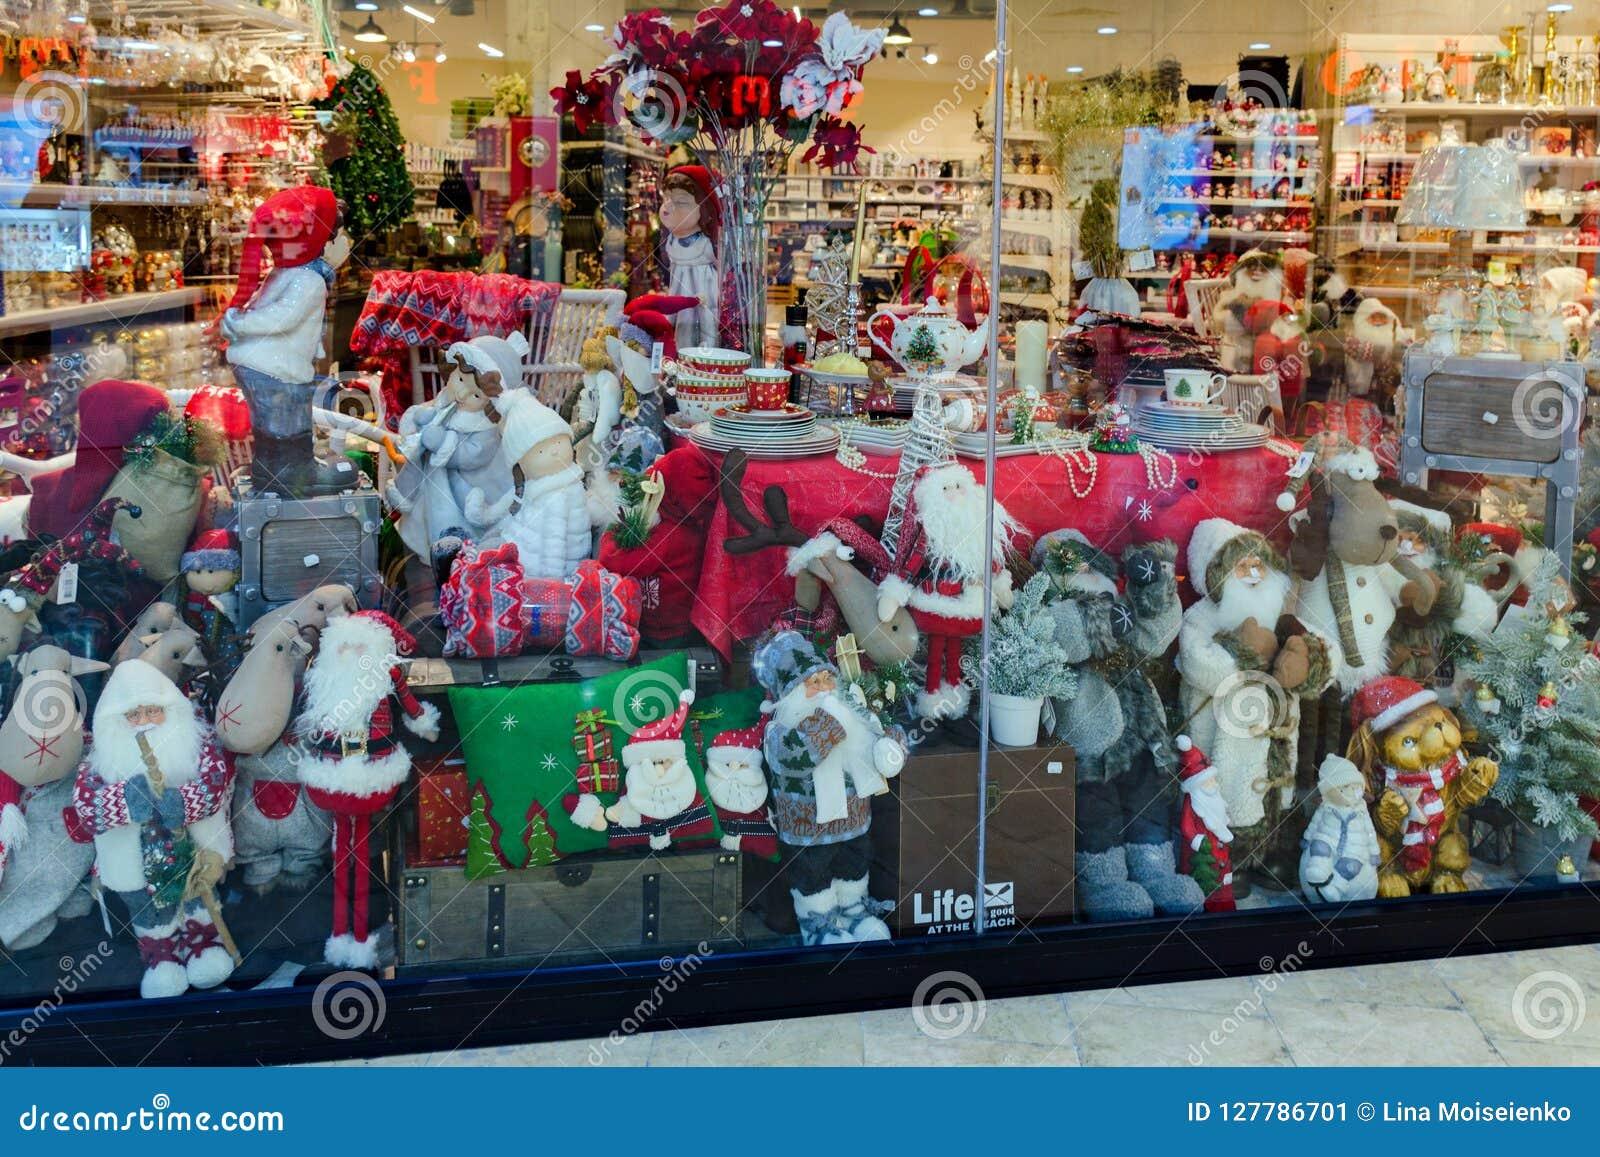 Janela com artigos do ano novo, decoração da loja, brinquedos - Santa Claus, ursos, peluche, cervo